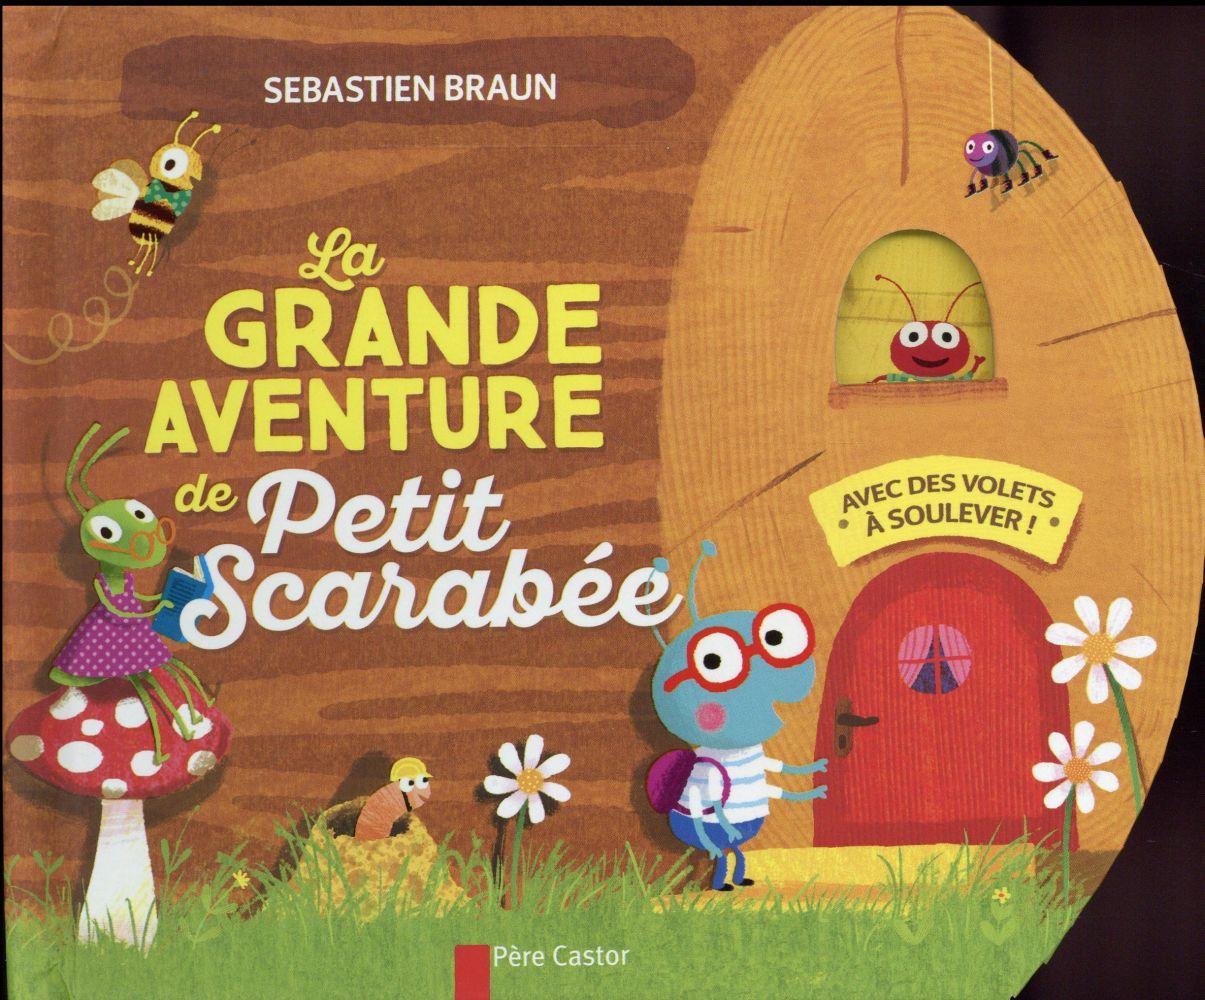 LA GRANDE AVENTURE DE PETIT SCARABEE